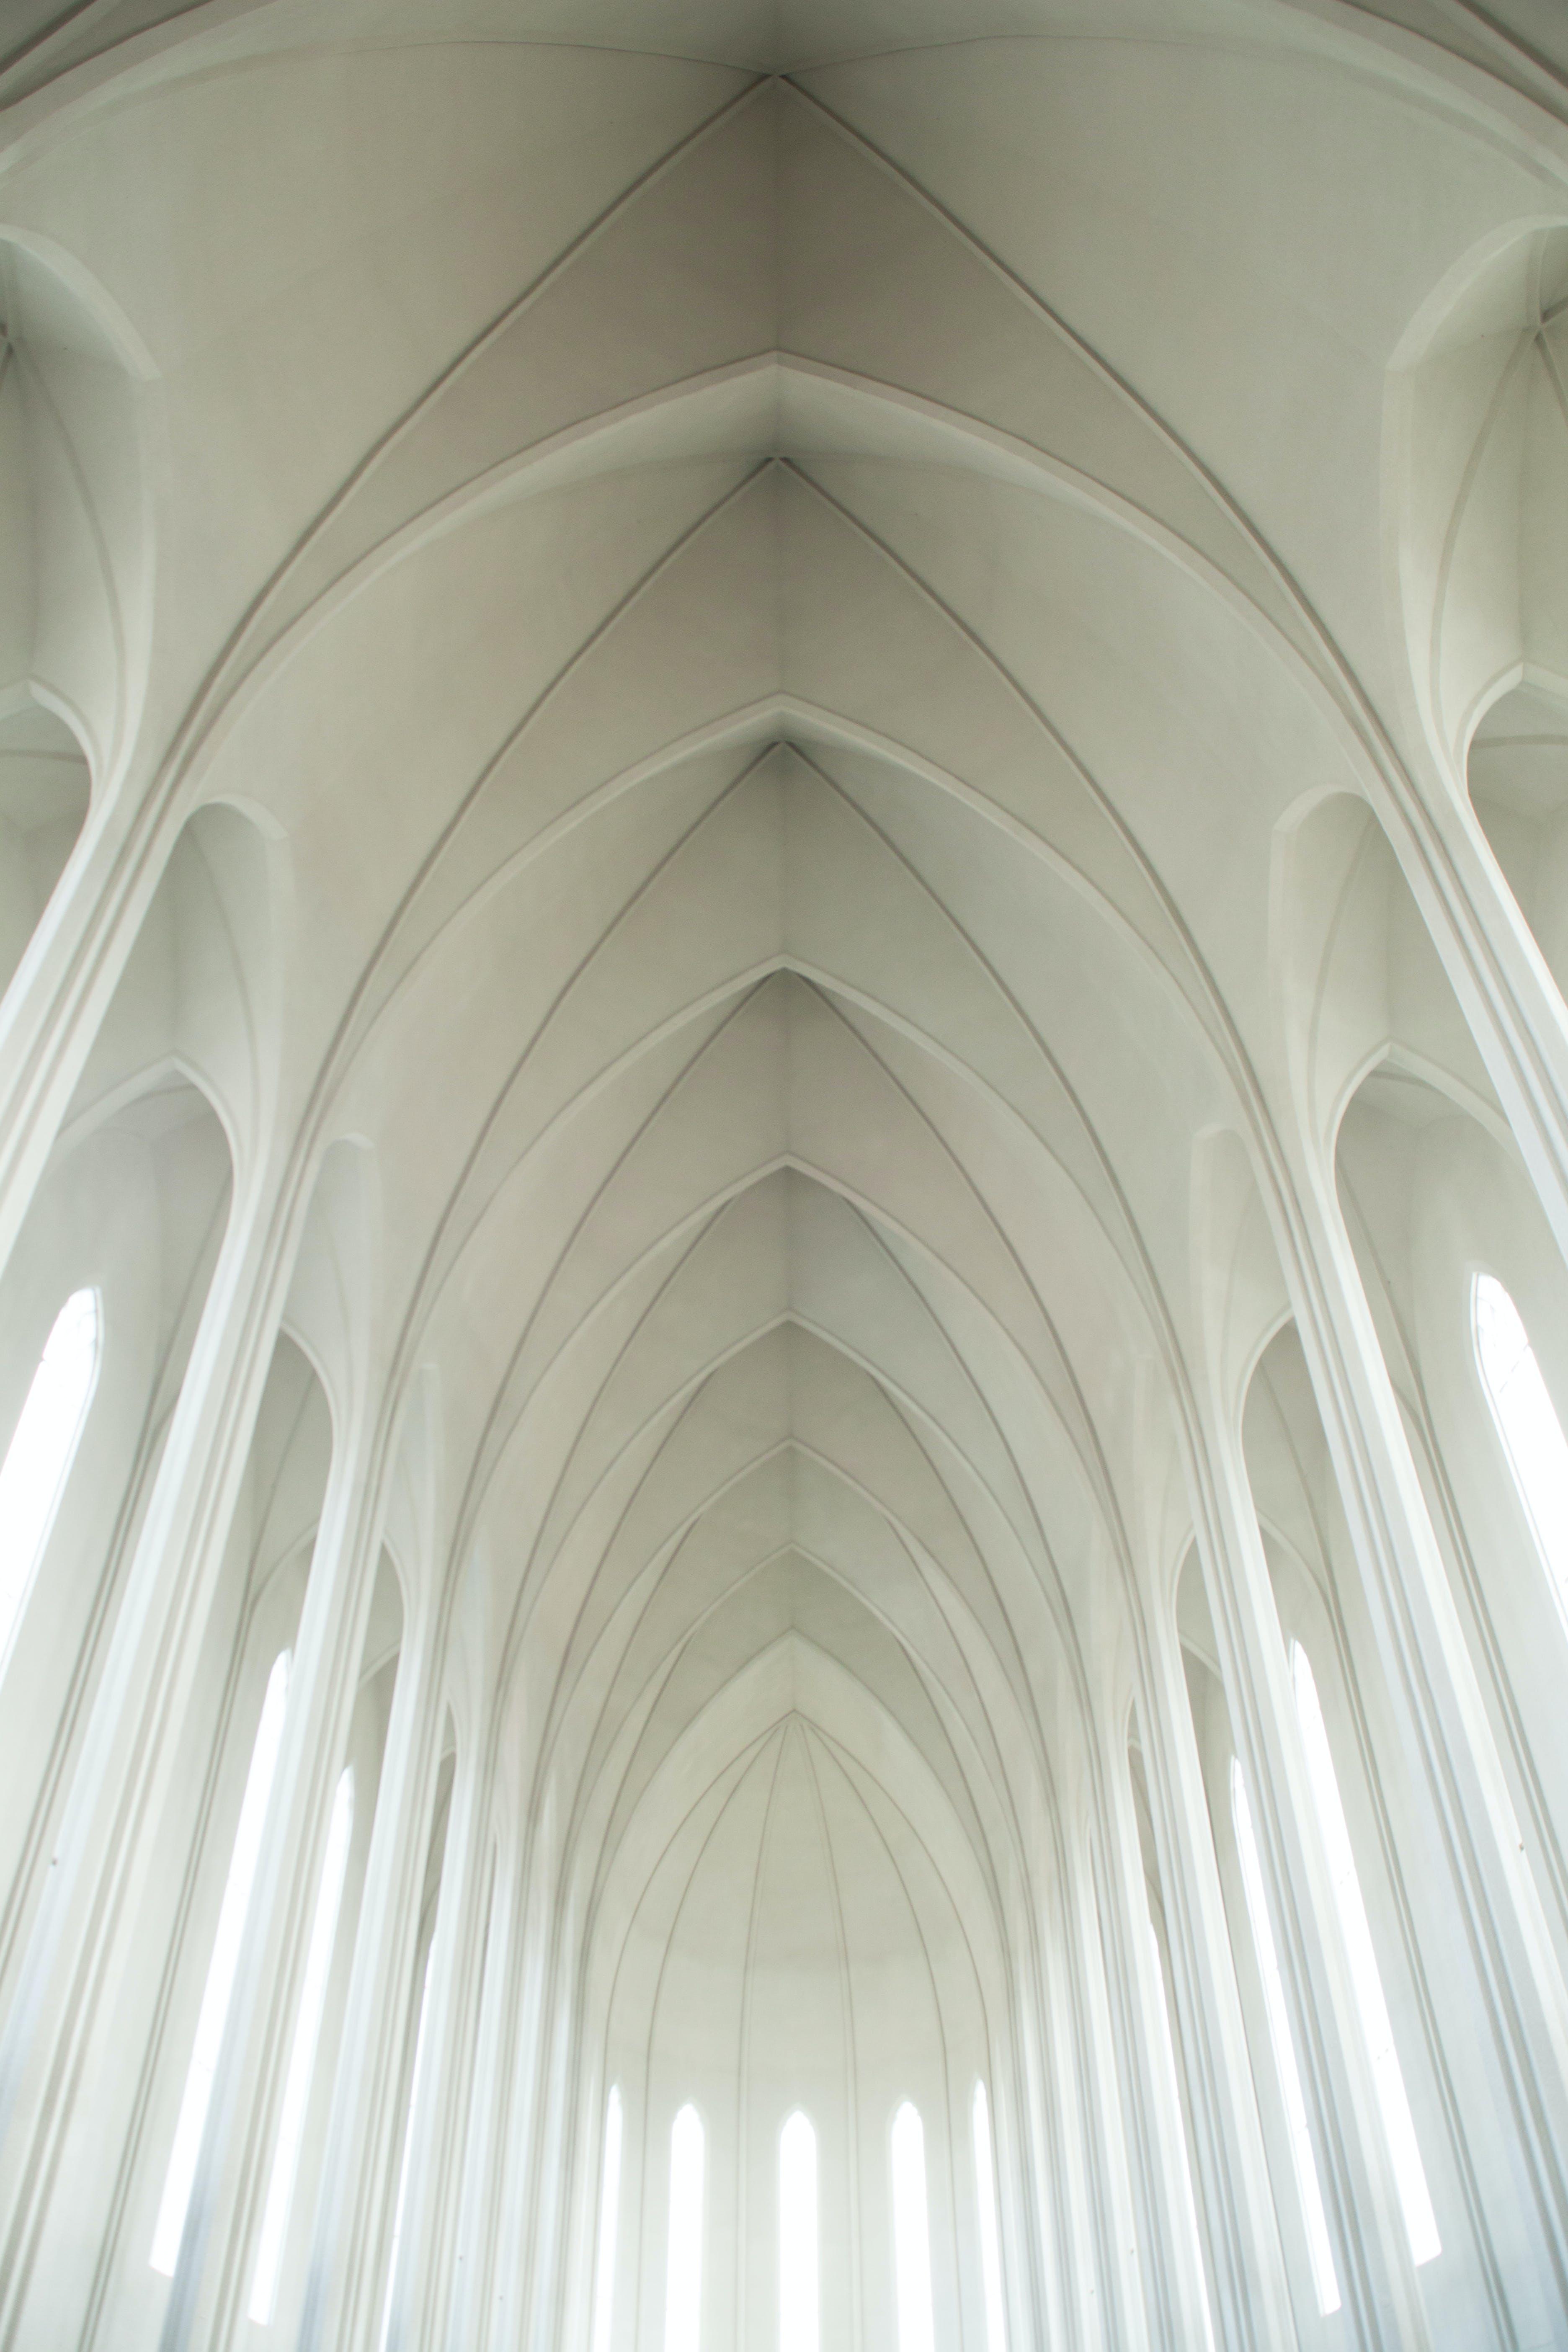 Foto stok gratis Arsitektur, bangunan, bersih, cahaya